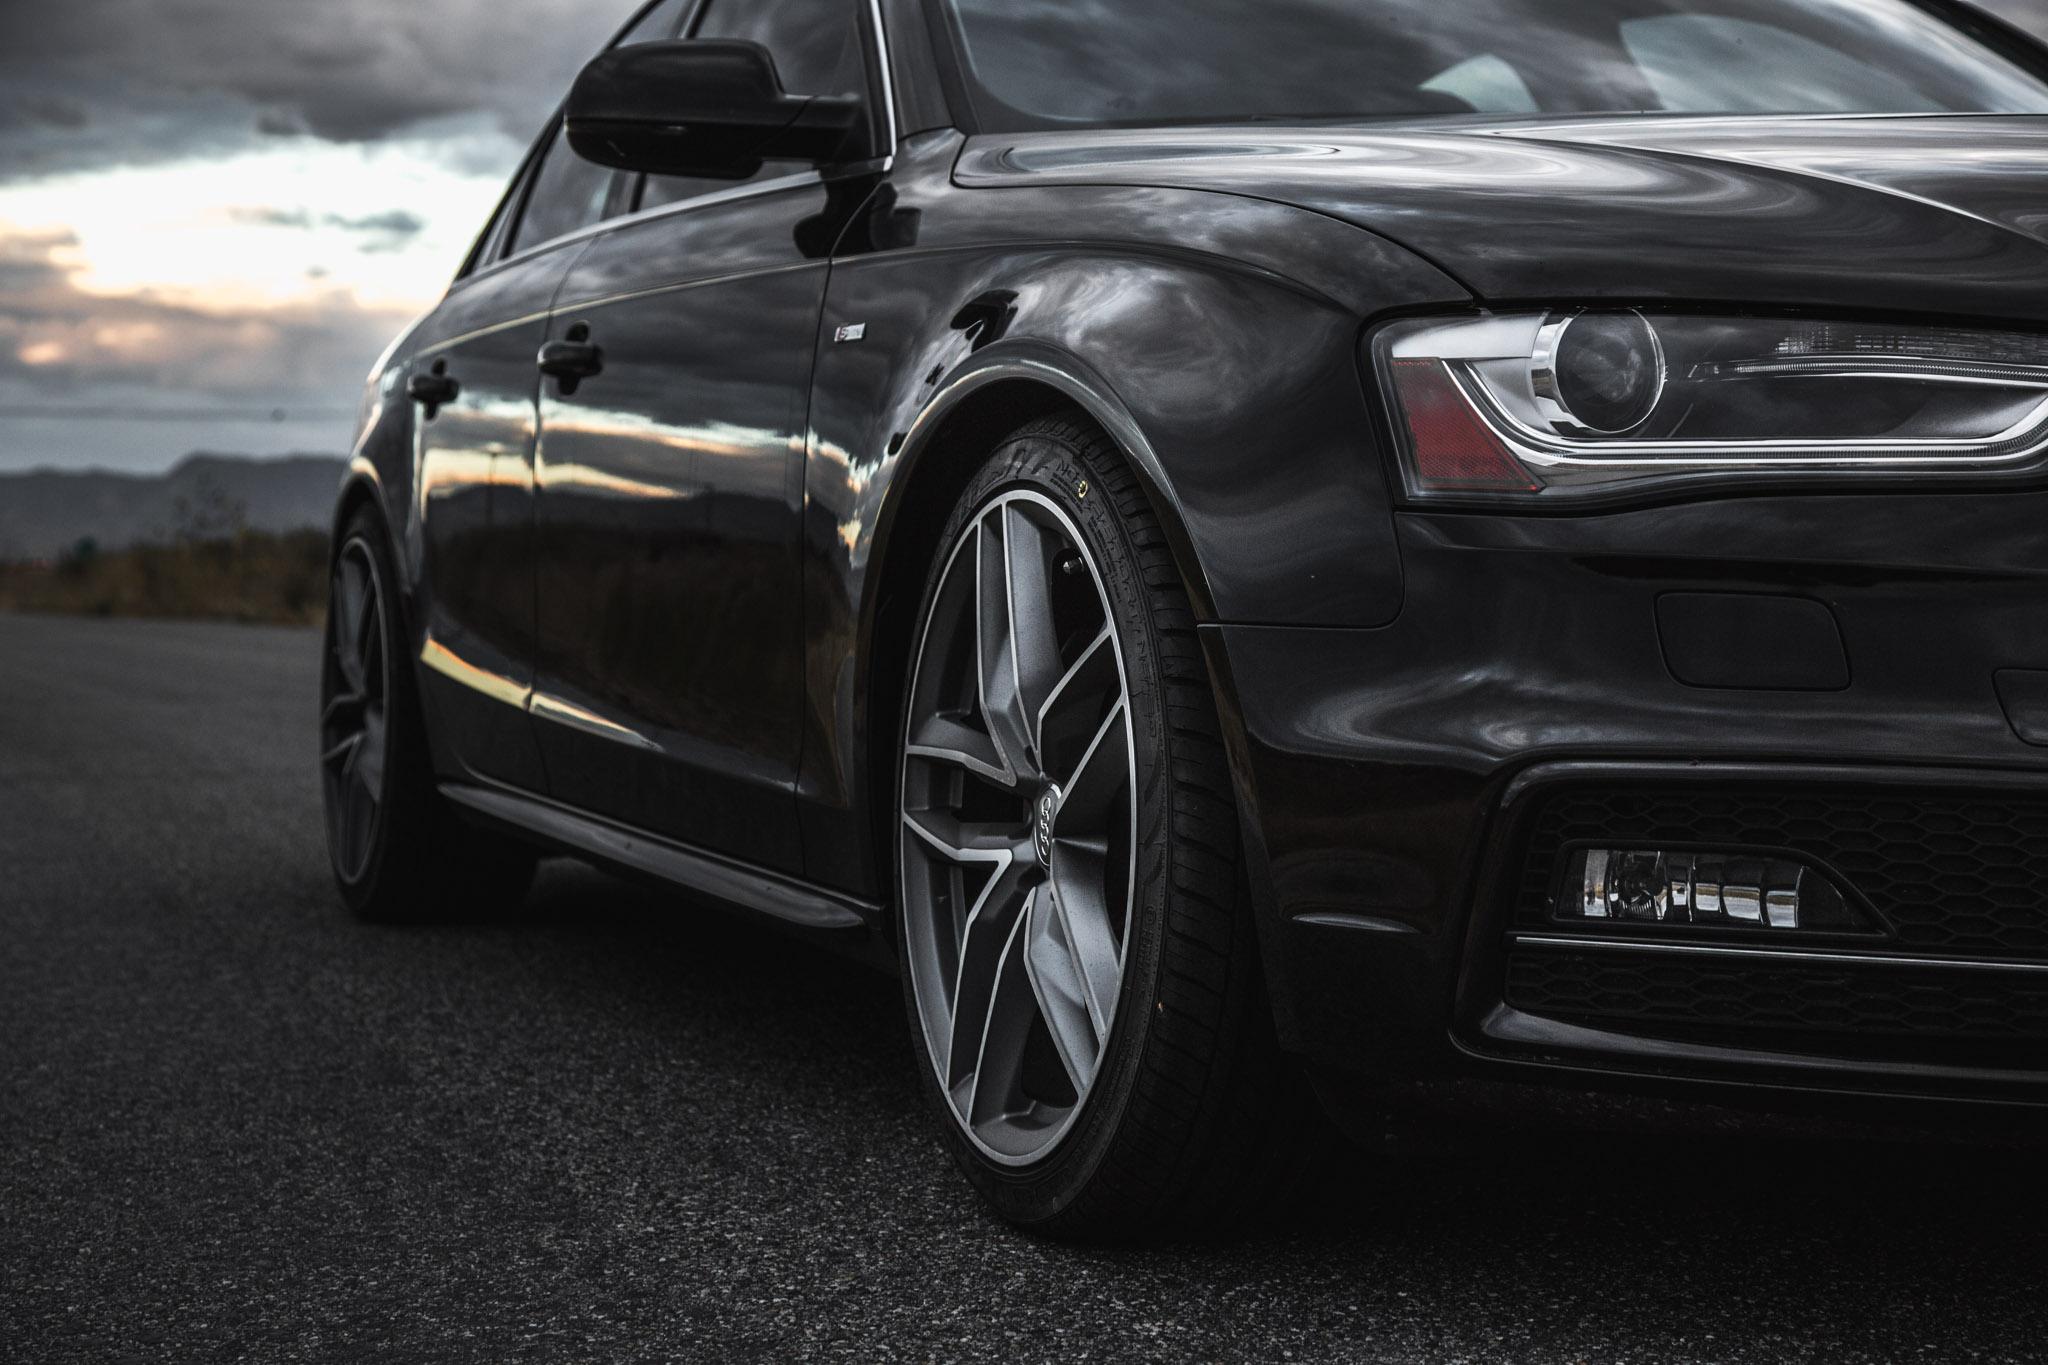 2014 Audi A4 Manual-20.jpg